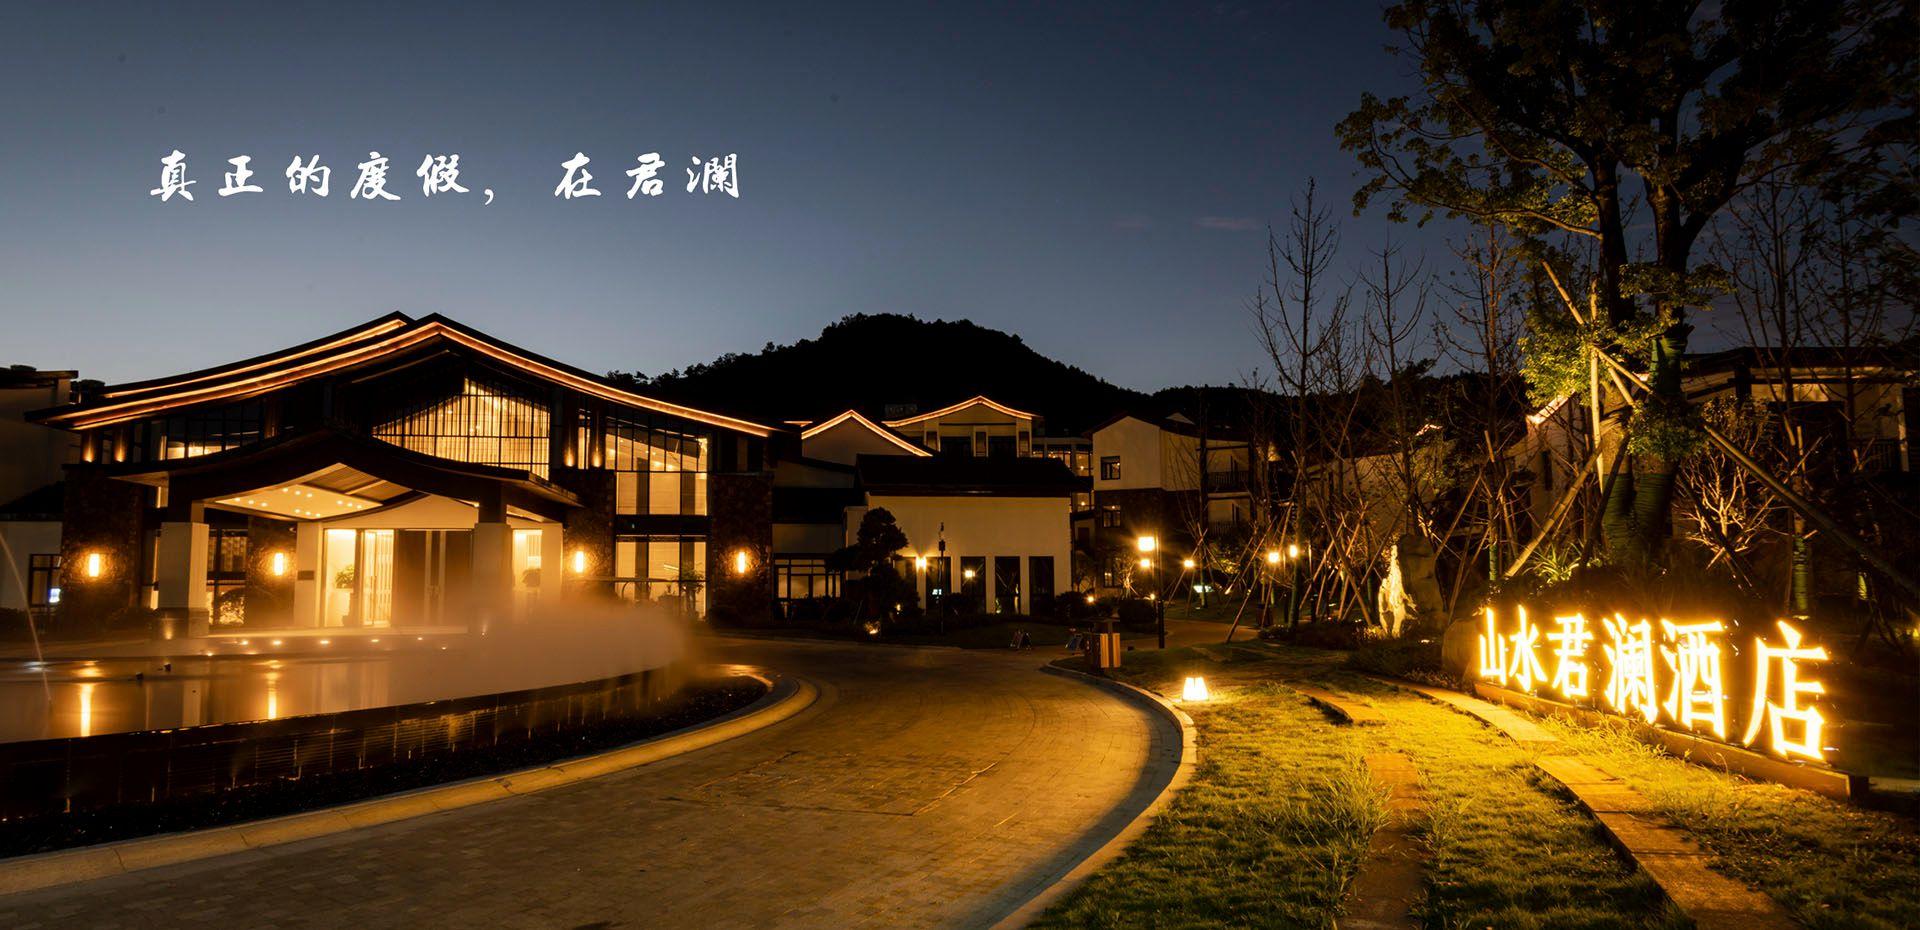 山水一号是宁波山水壹号酒店管理有限公司旗下的旅游度假服务品牌